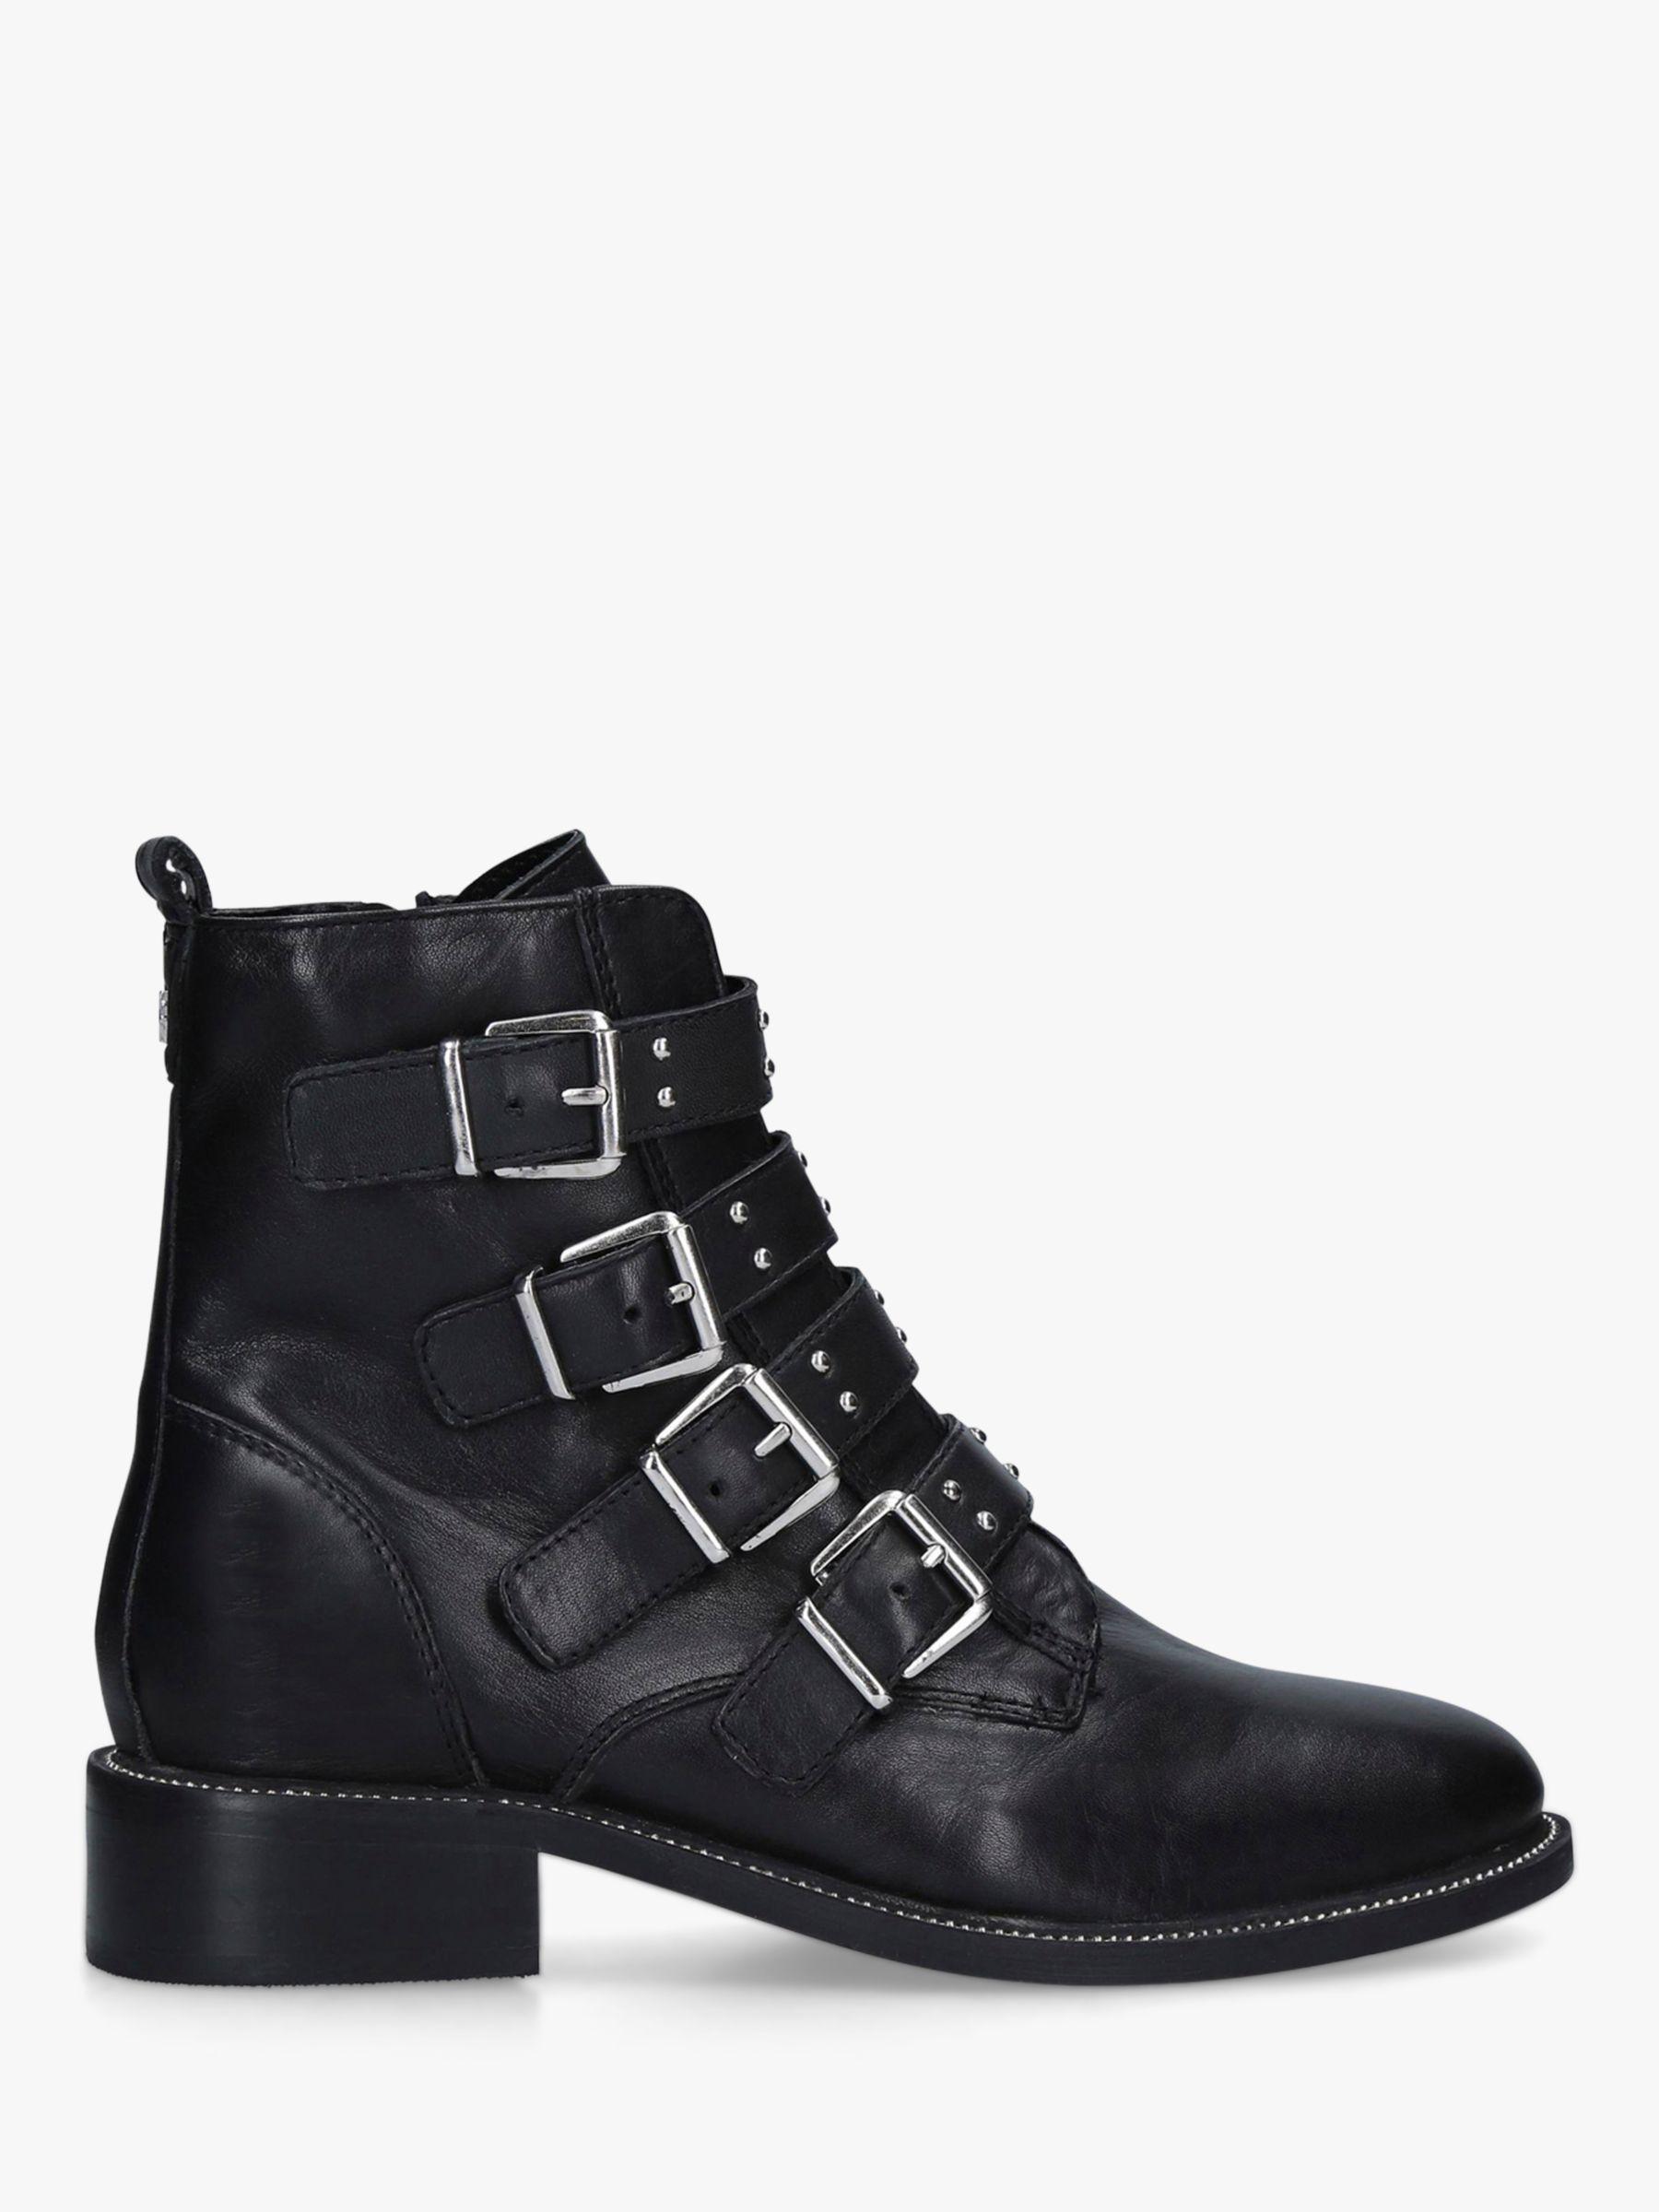 Carvela Carvela Strap Leather Buckle Biker Boots, Black